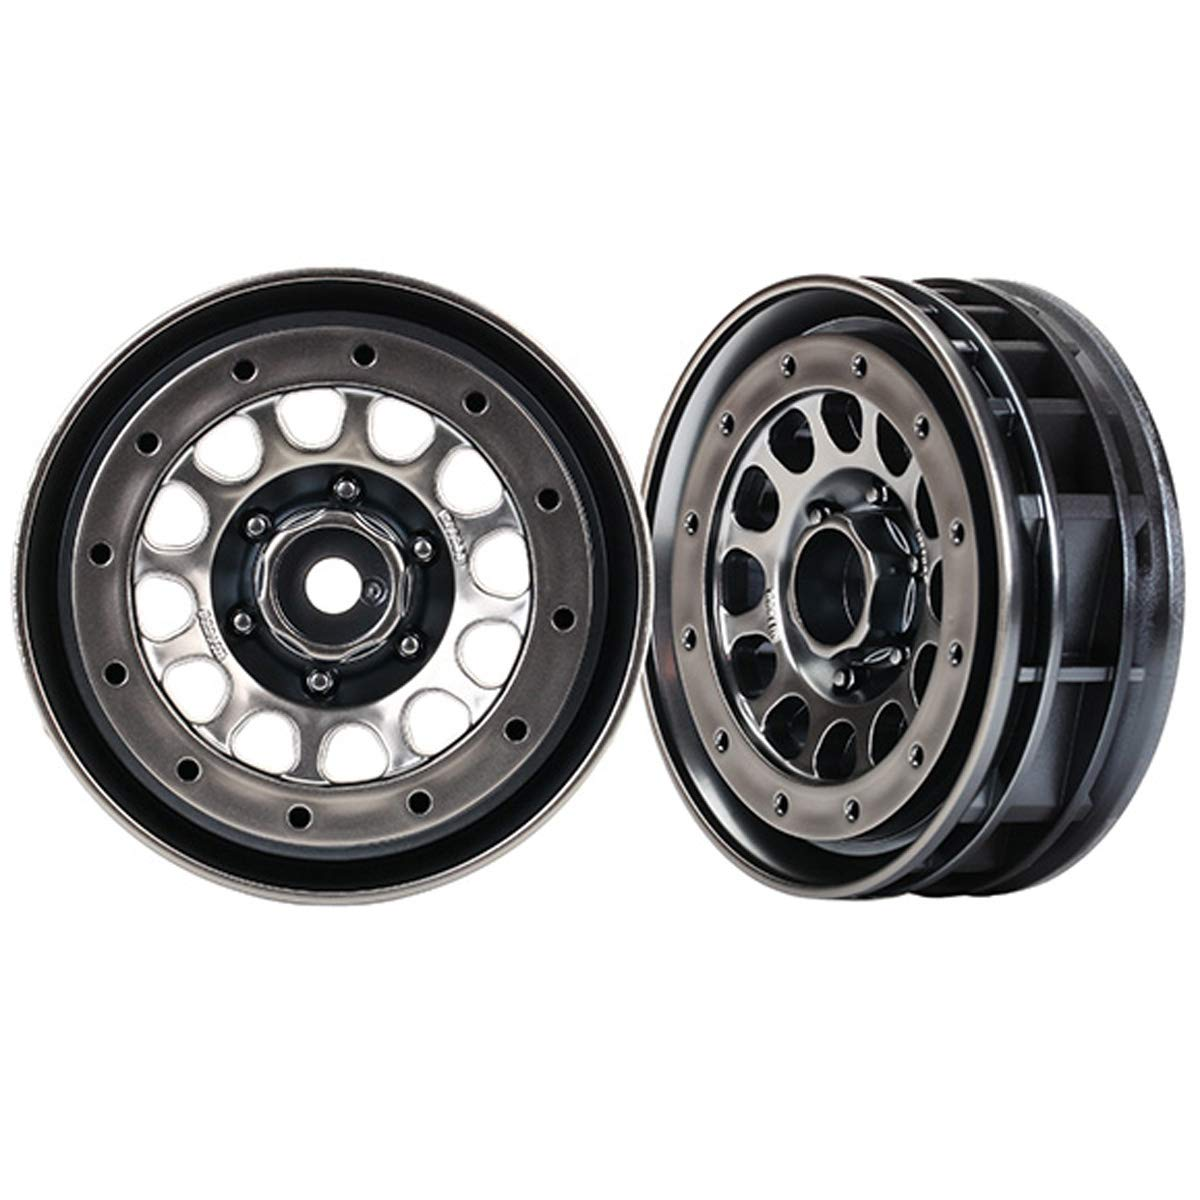 Traxxas 8173 Method 105 Beadlock Wheels 1.9 Black Chrome